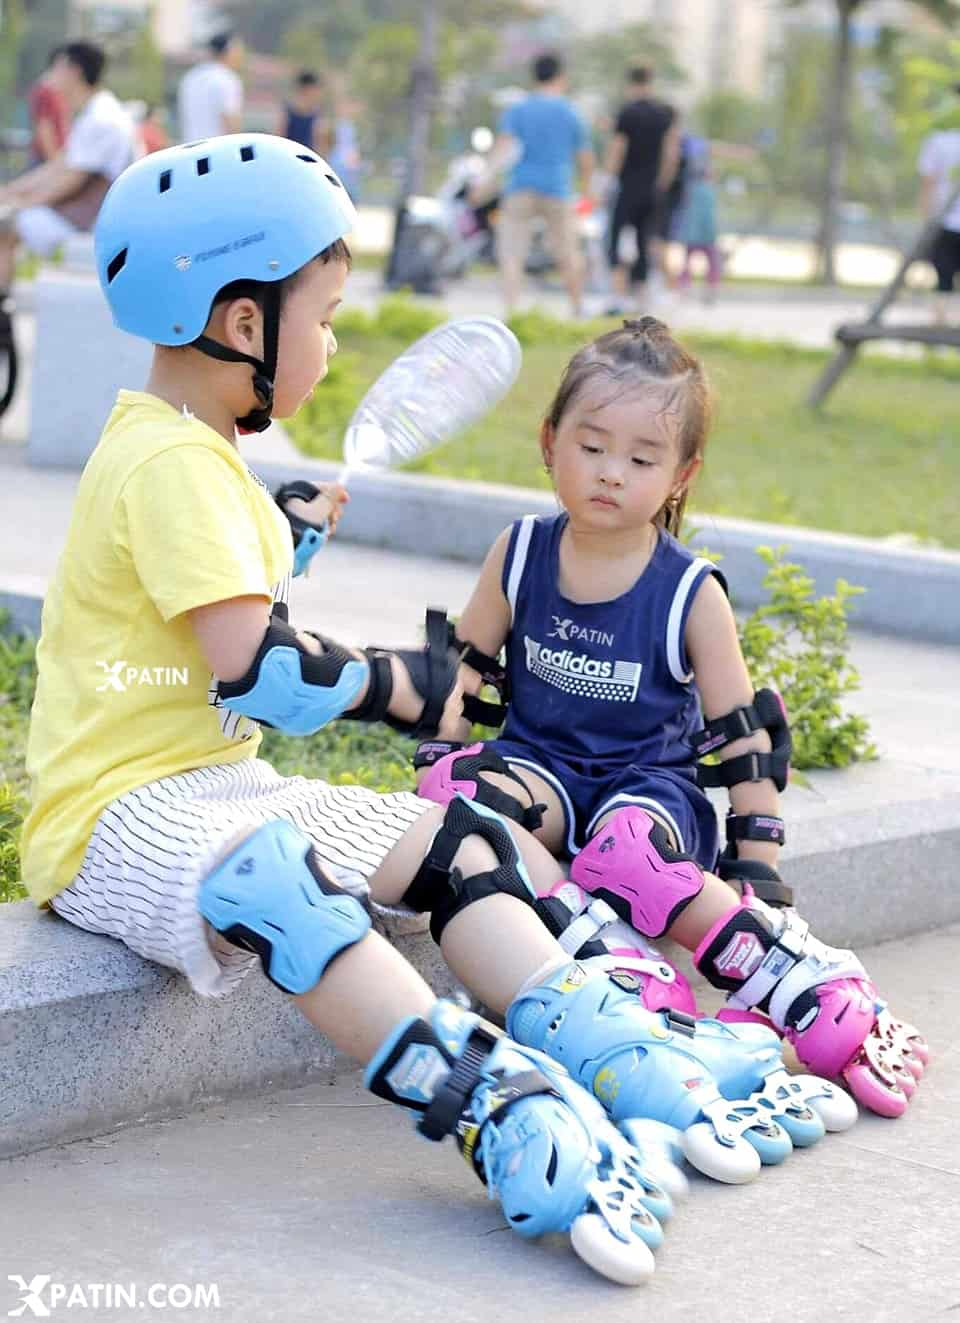 Mua giày Patin đảm bảo cho bé 3 đến 5 tuổi